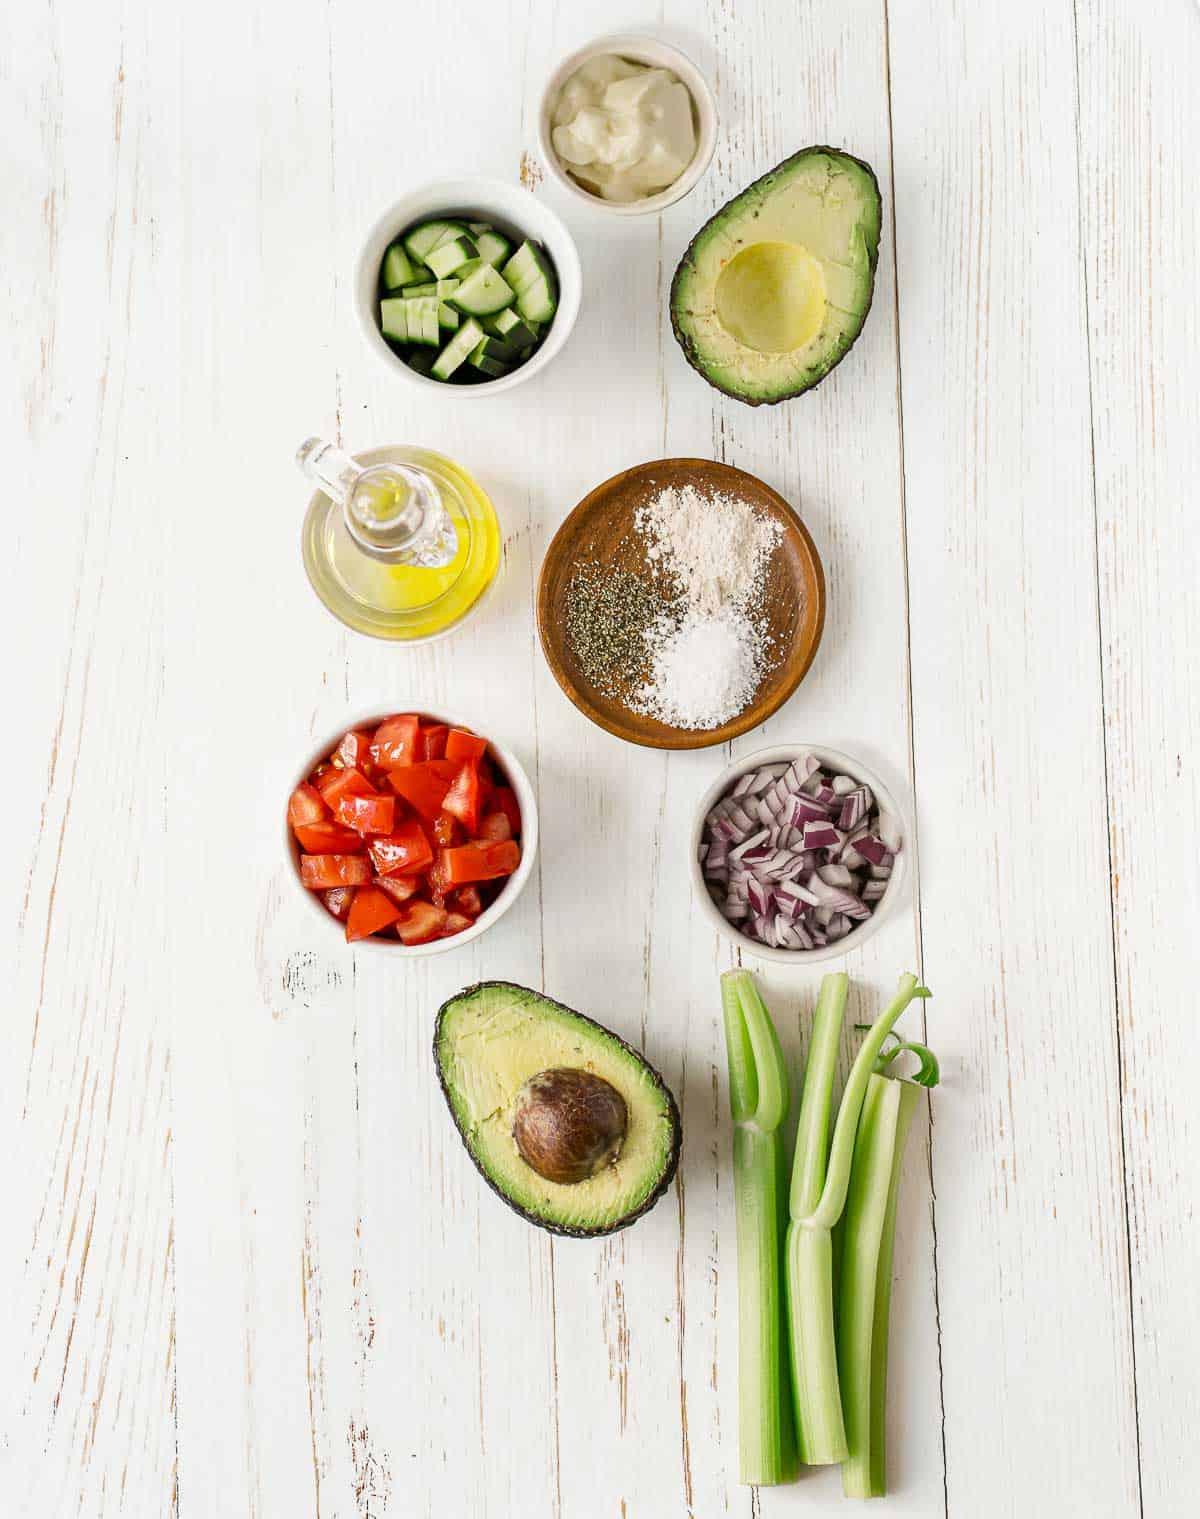 Ingredients to make vegan avocado salad.